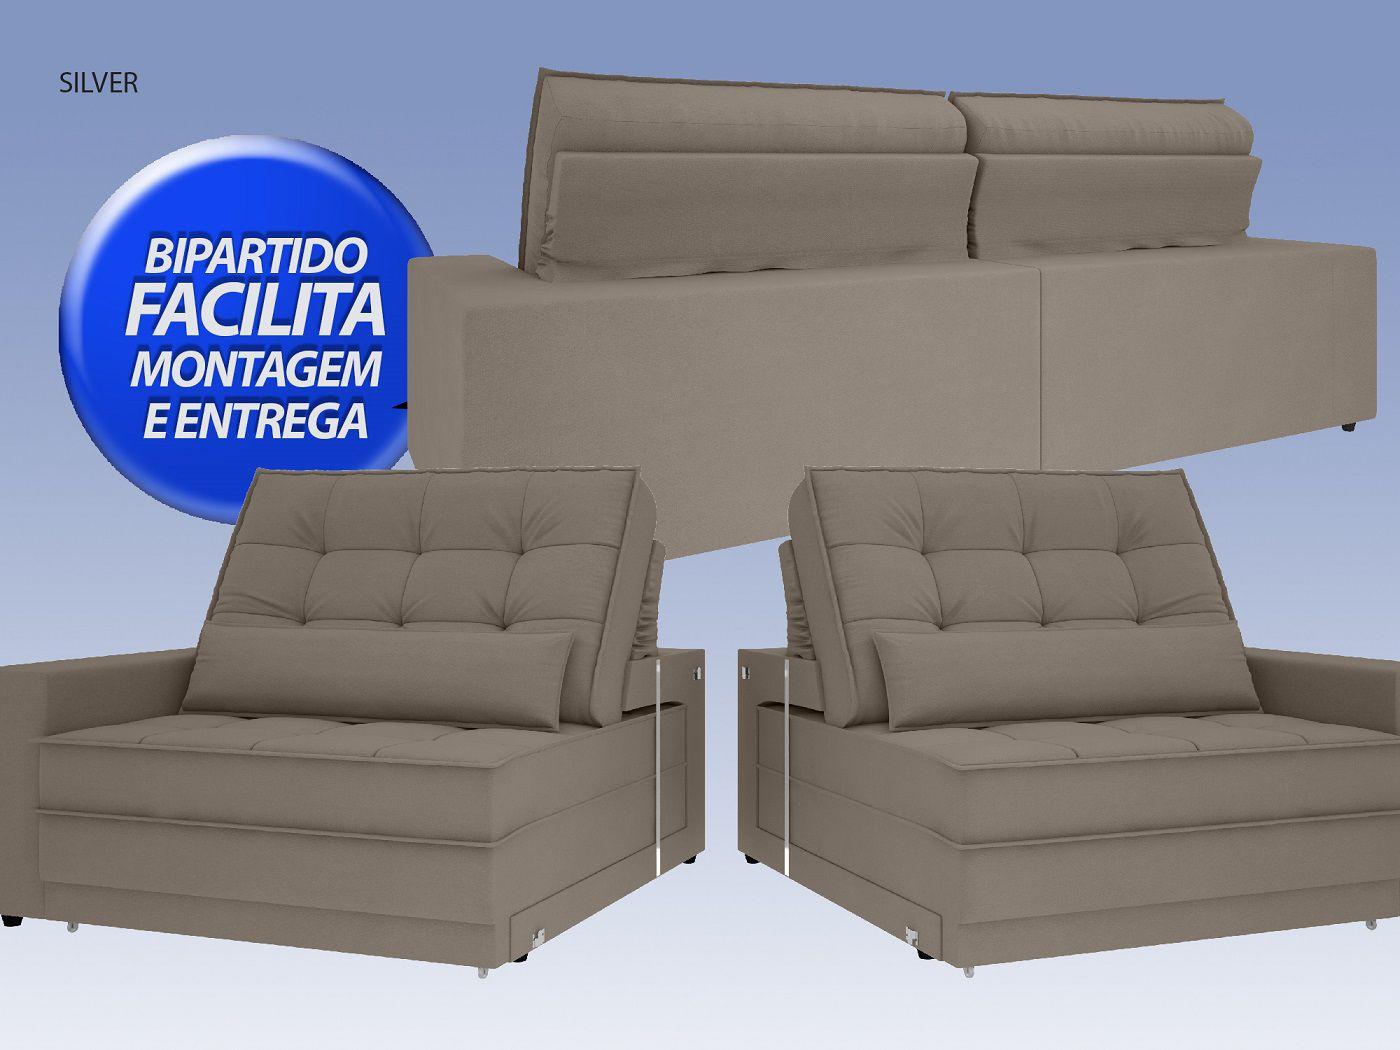 Sofá Silver 2,40m Retrátil e Reclinável Velosuede Bege - NETSOFAS  - NETSOFÁS